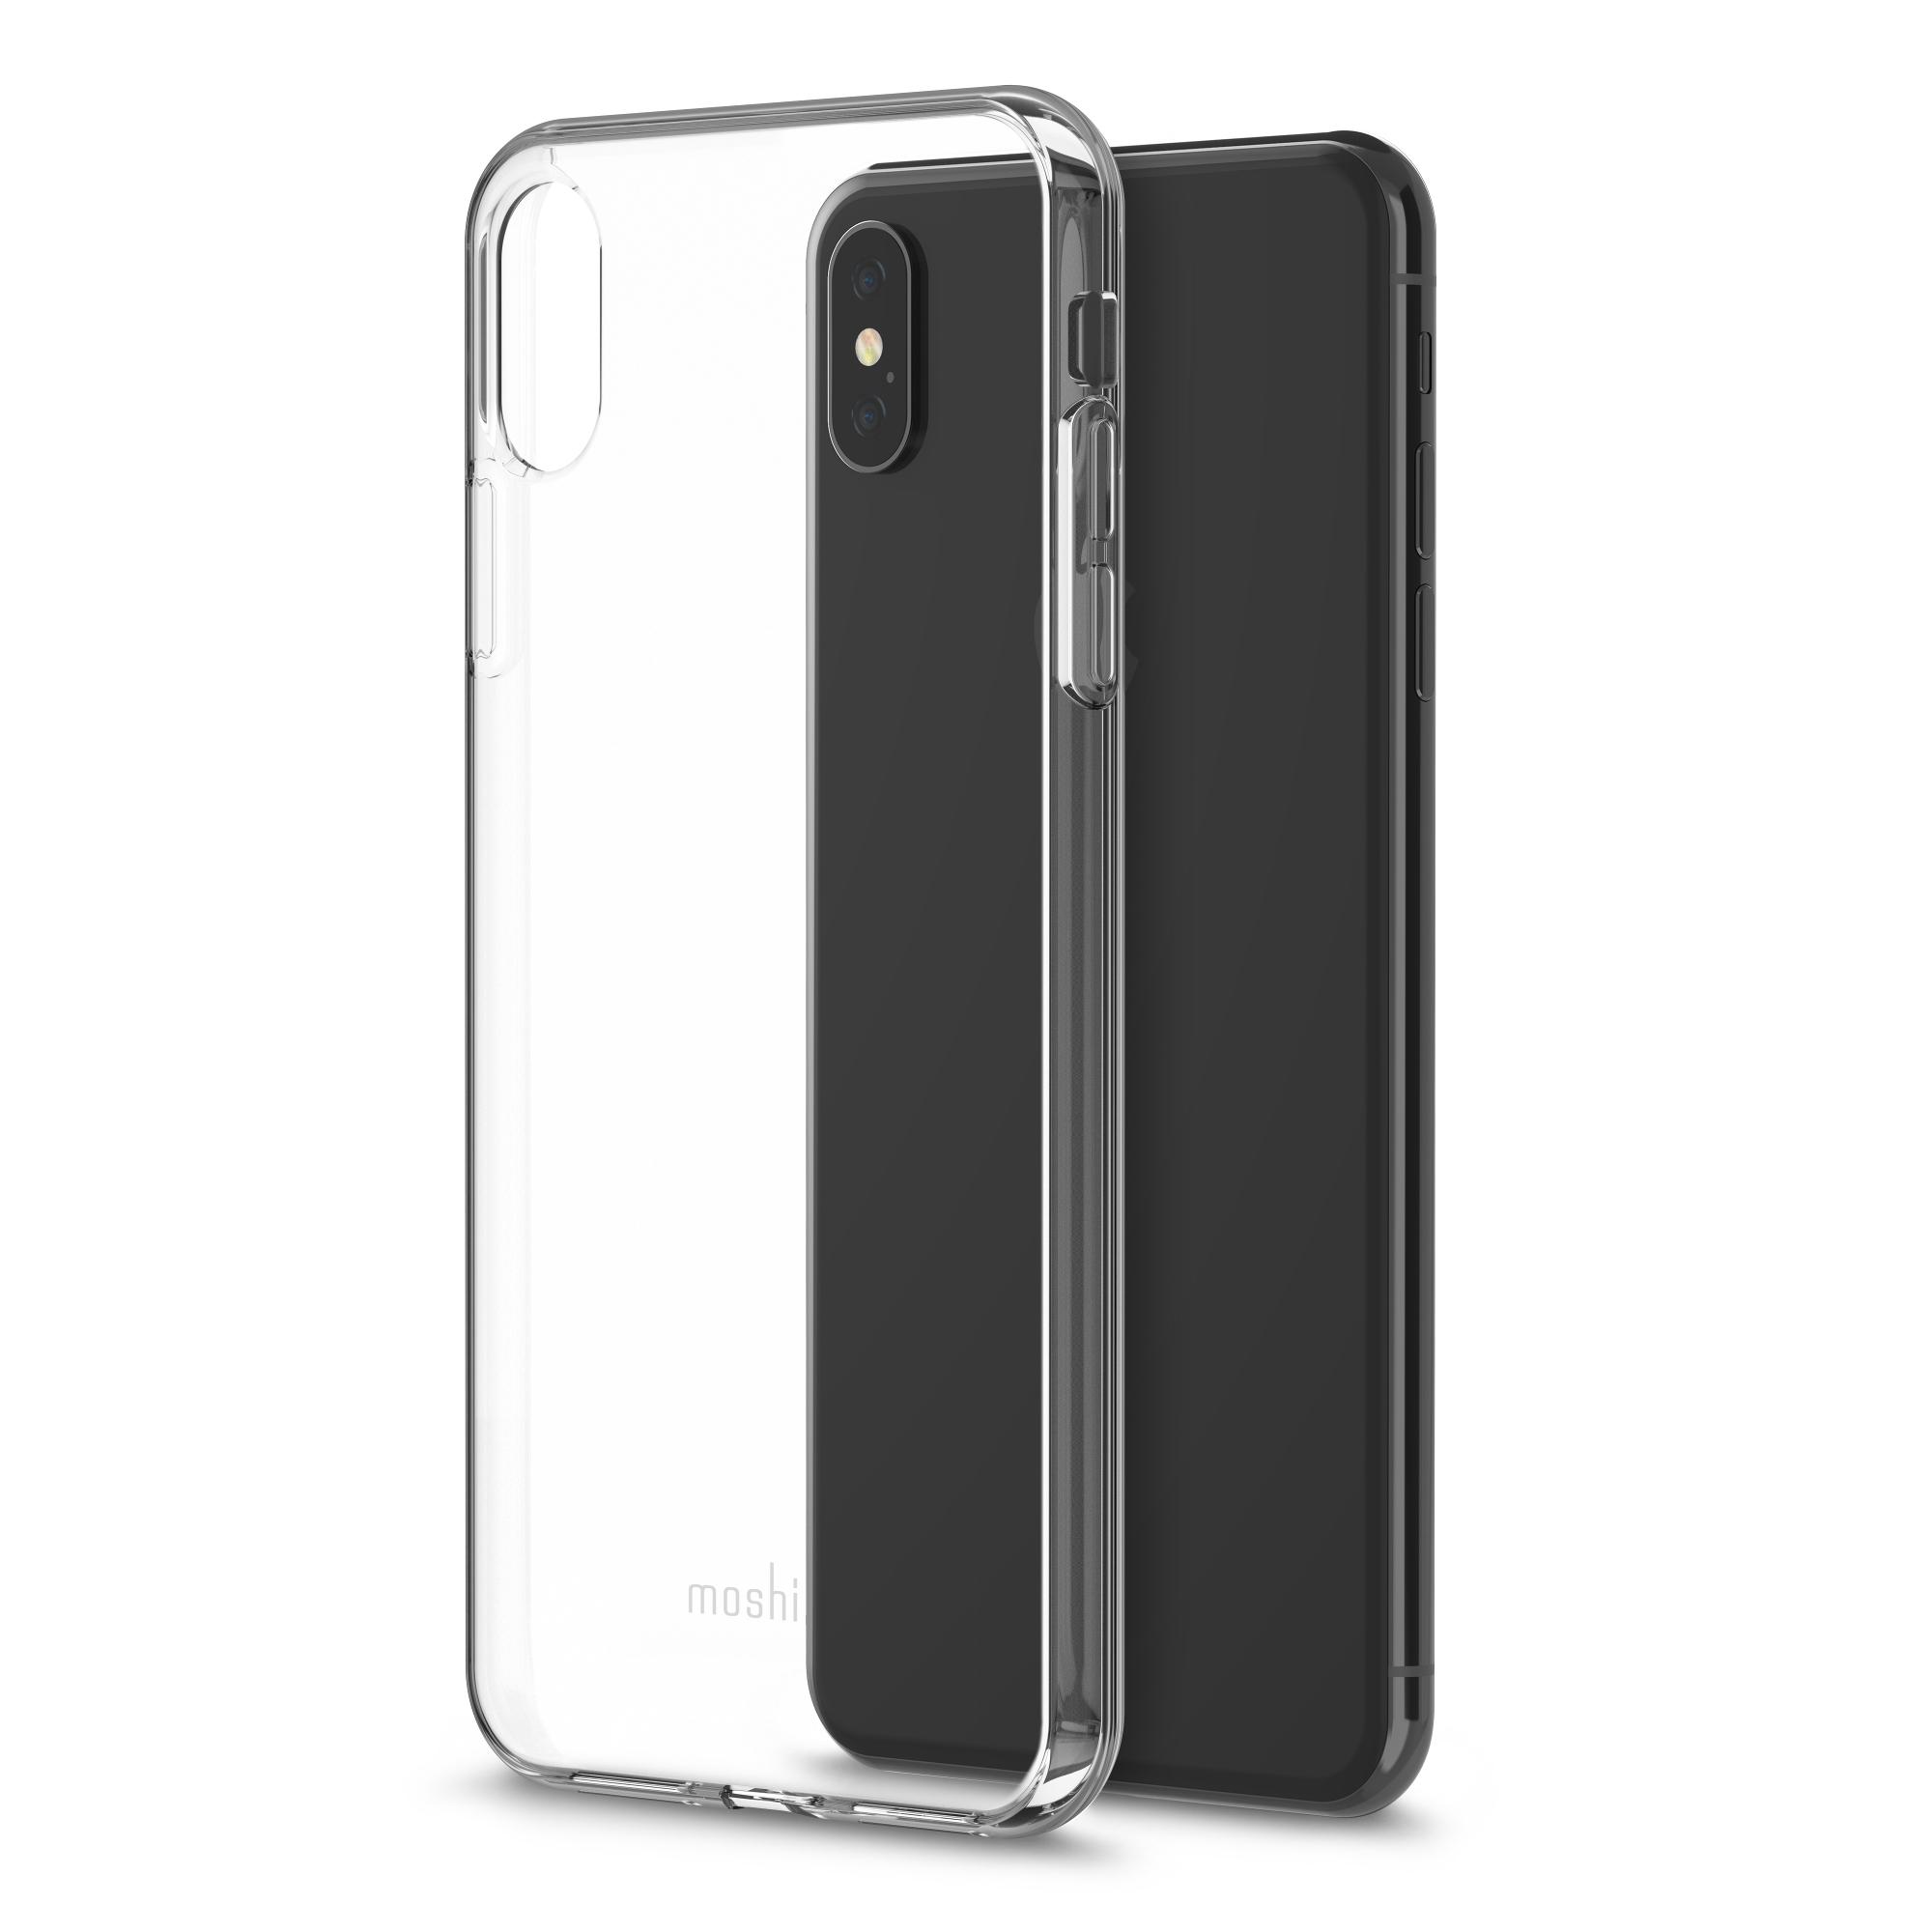 Coque vitros moshi iPhone Xs Max transparente